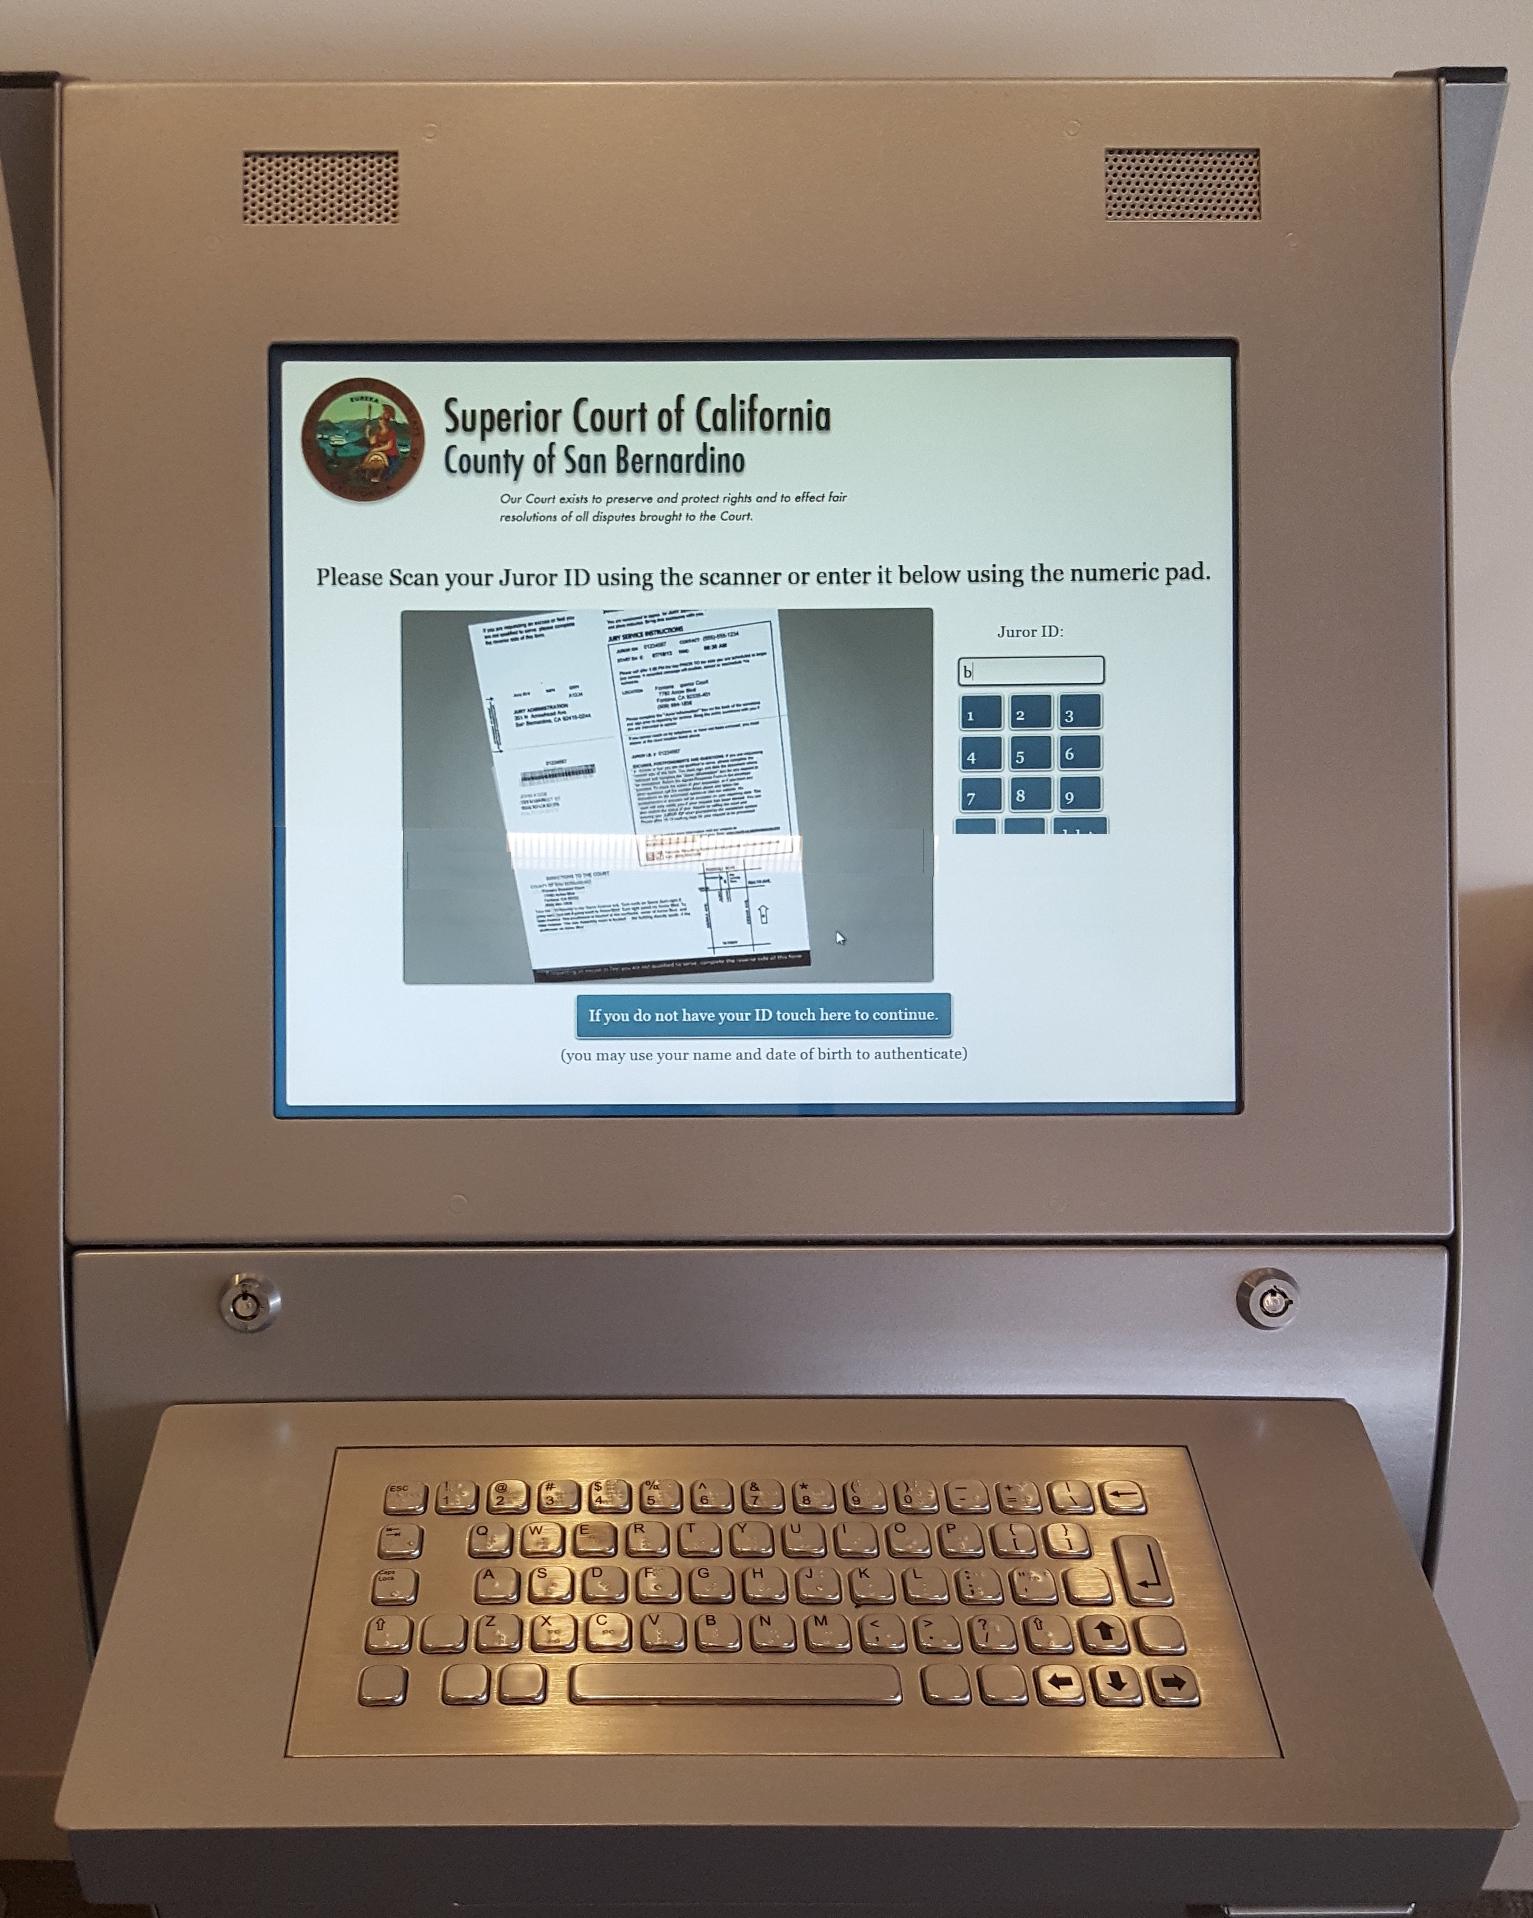 San Bernardino County's Juror Kiosk